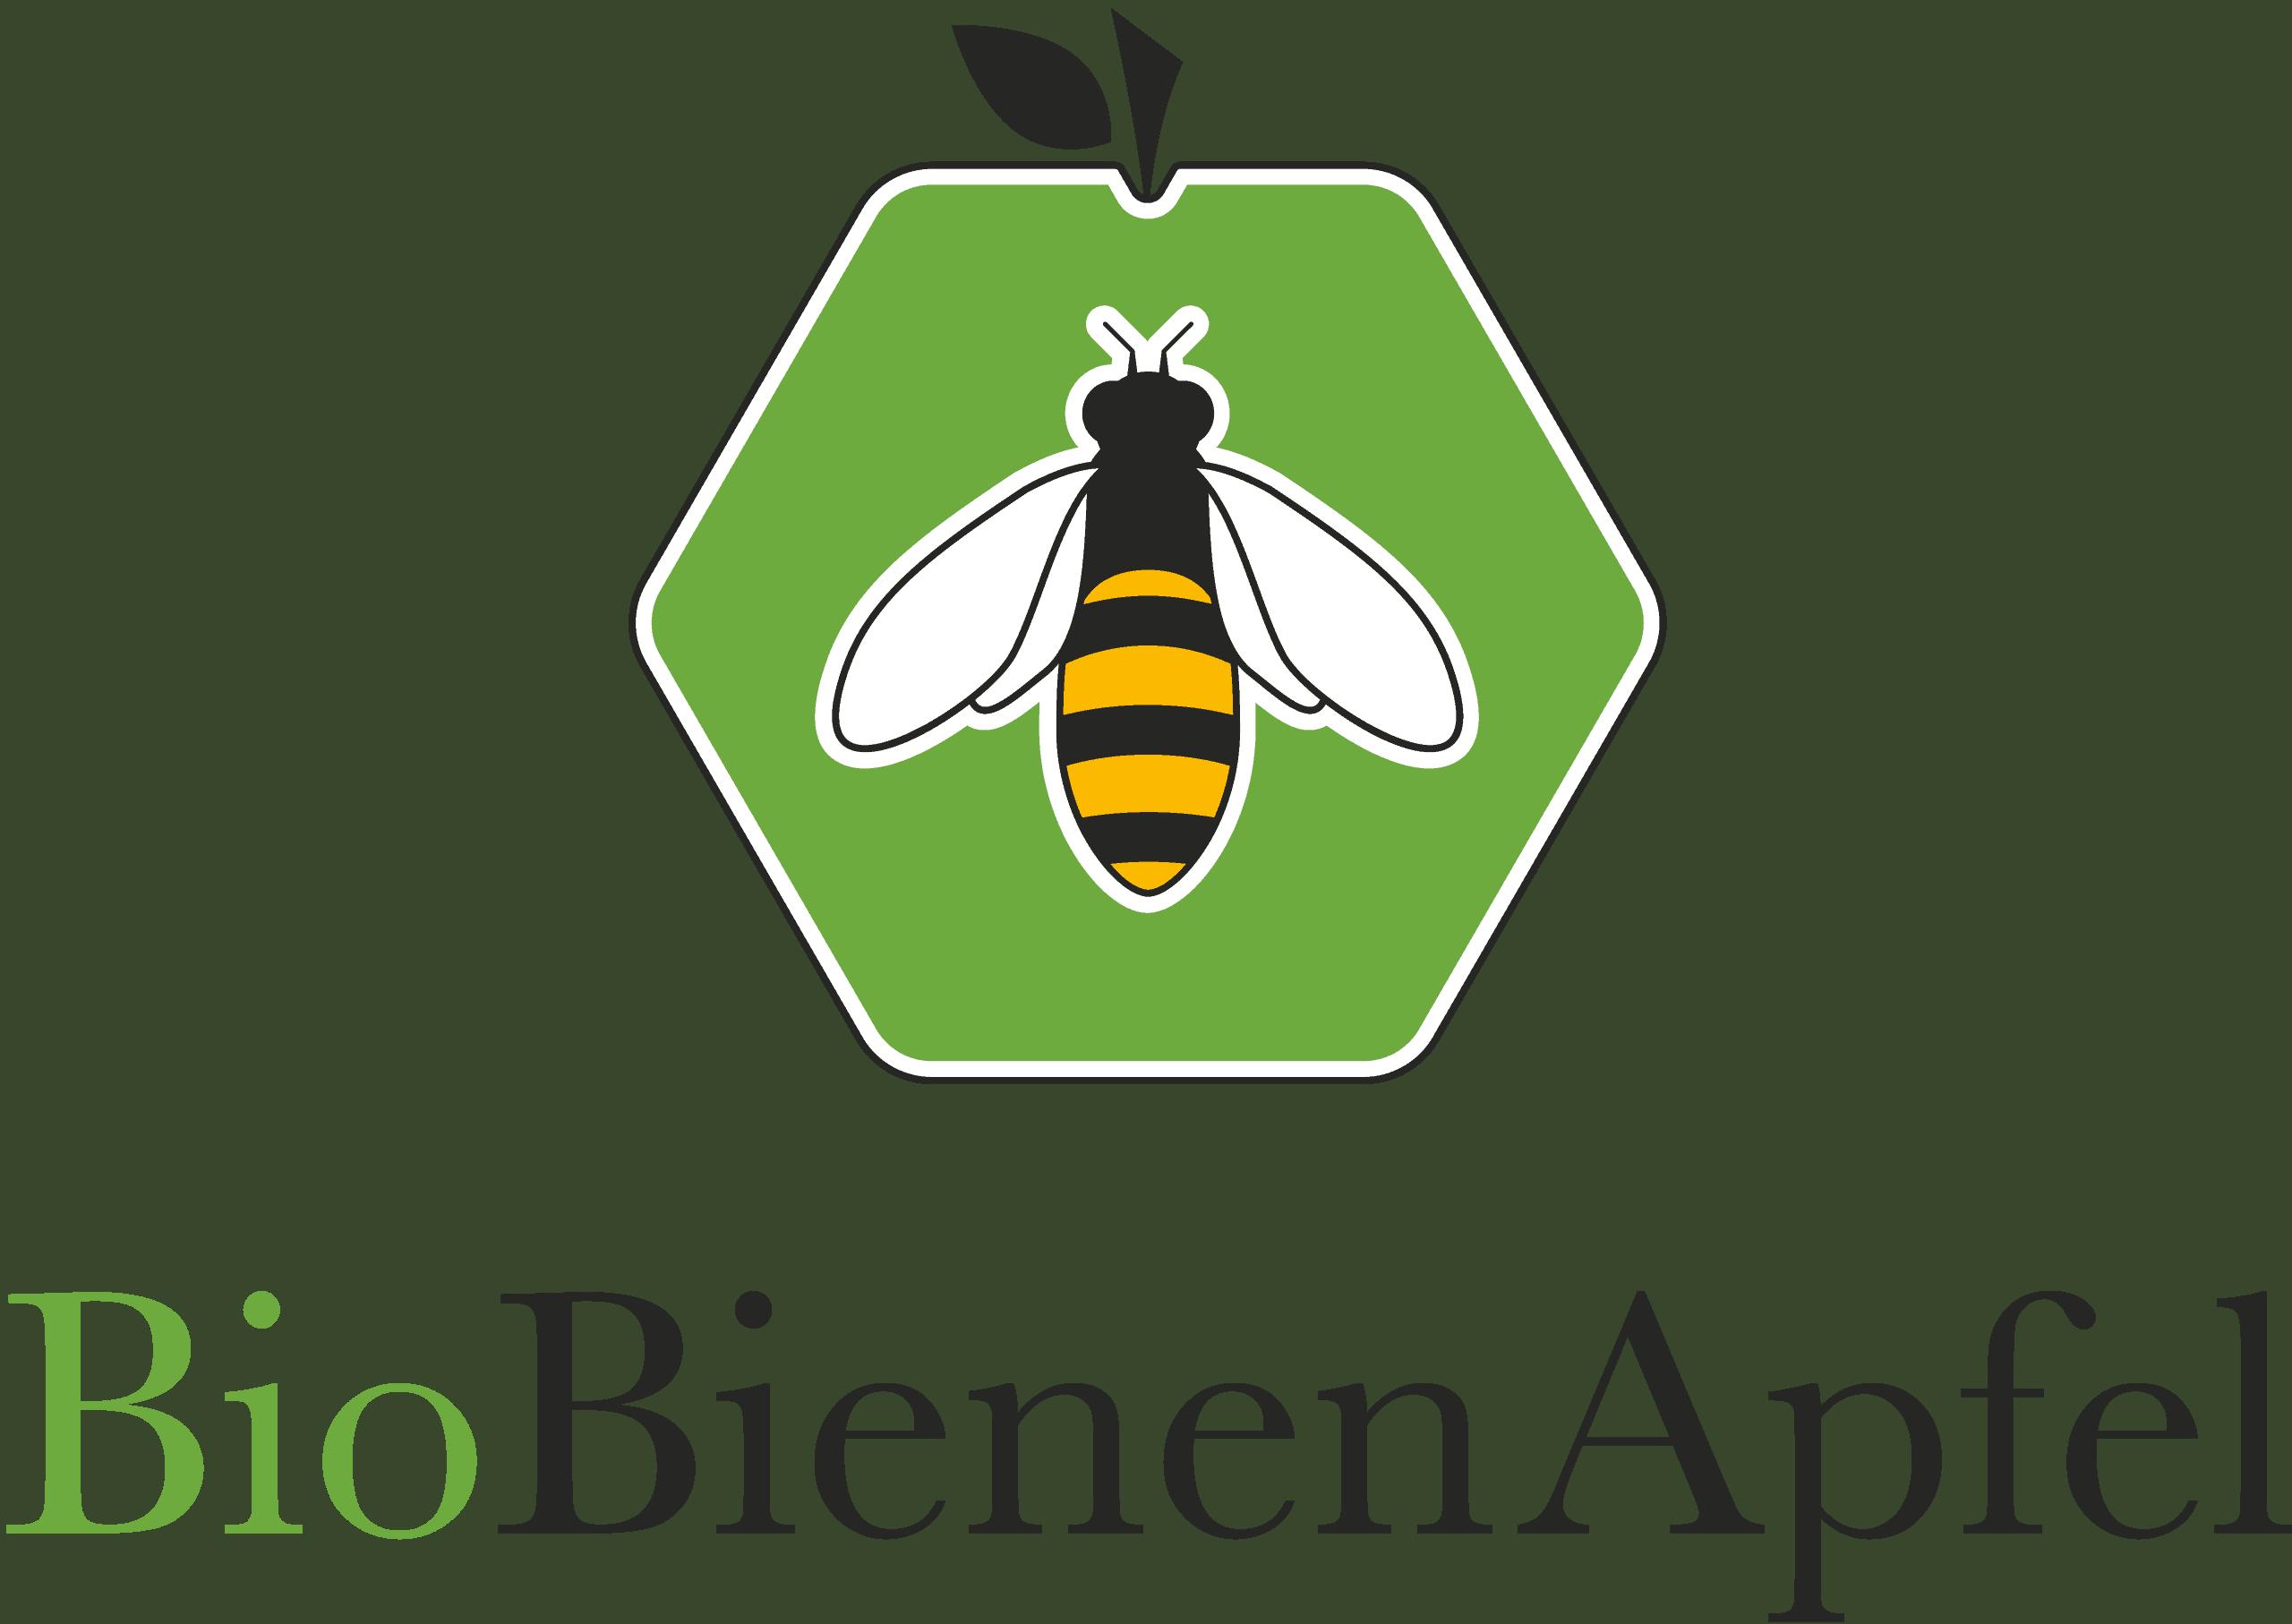 Grüner Apfel in Form einer Bienenwabe mit einer Biene in der Mitte, Logo von BioBienenApfel.